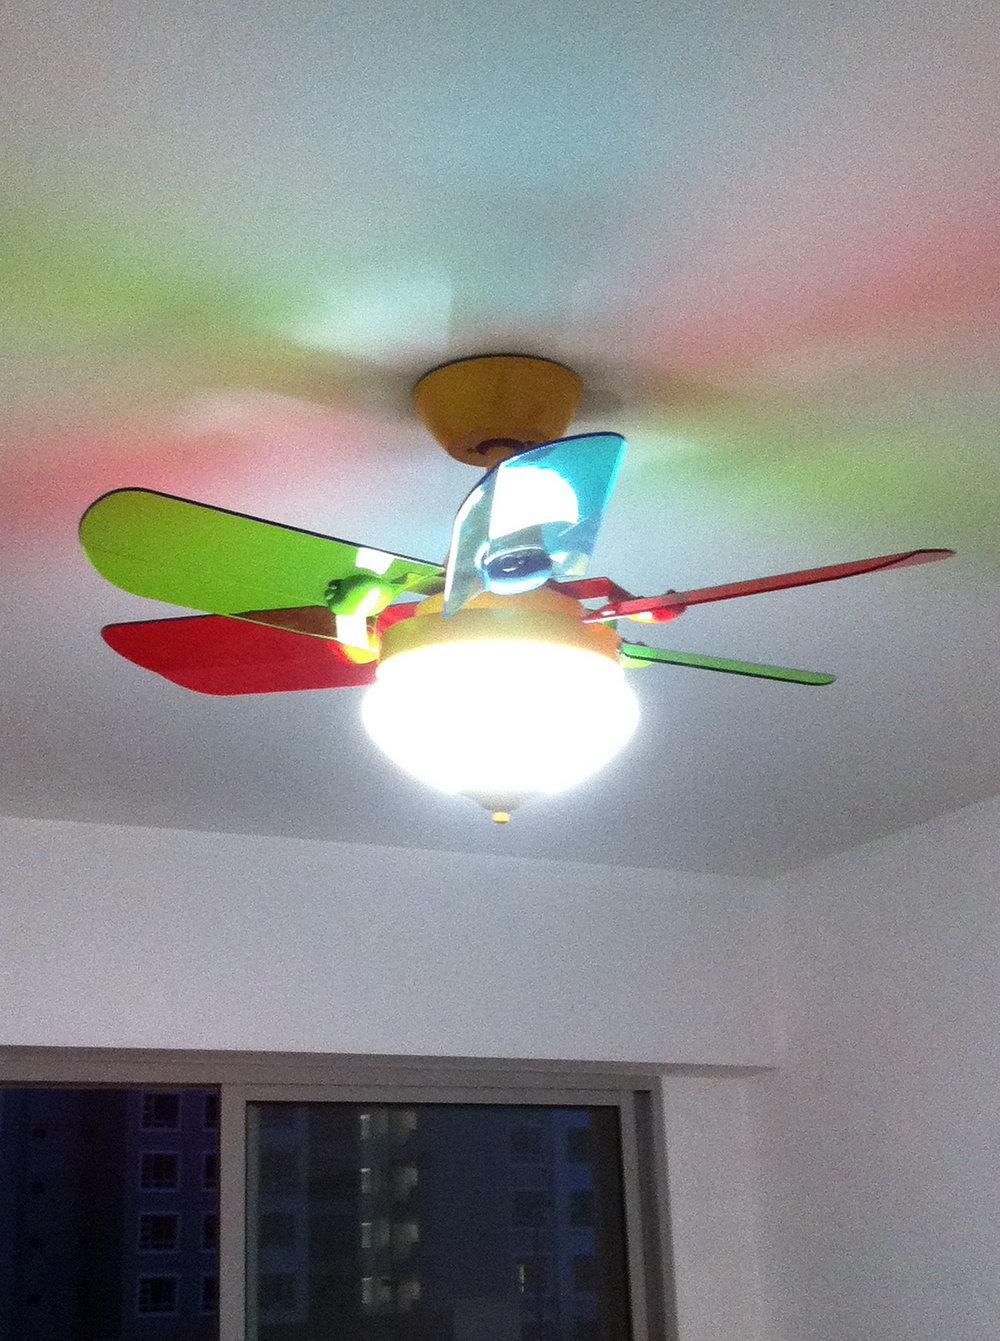 #13 Transparent Plastic Blades Ceiling Fan